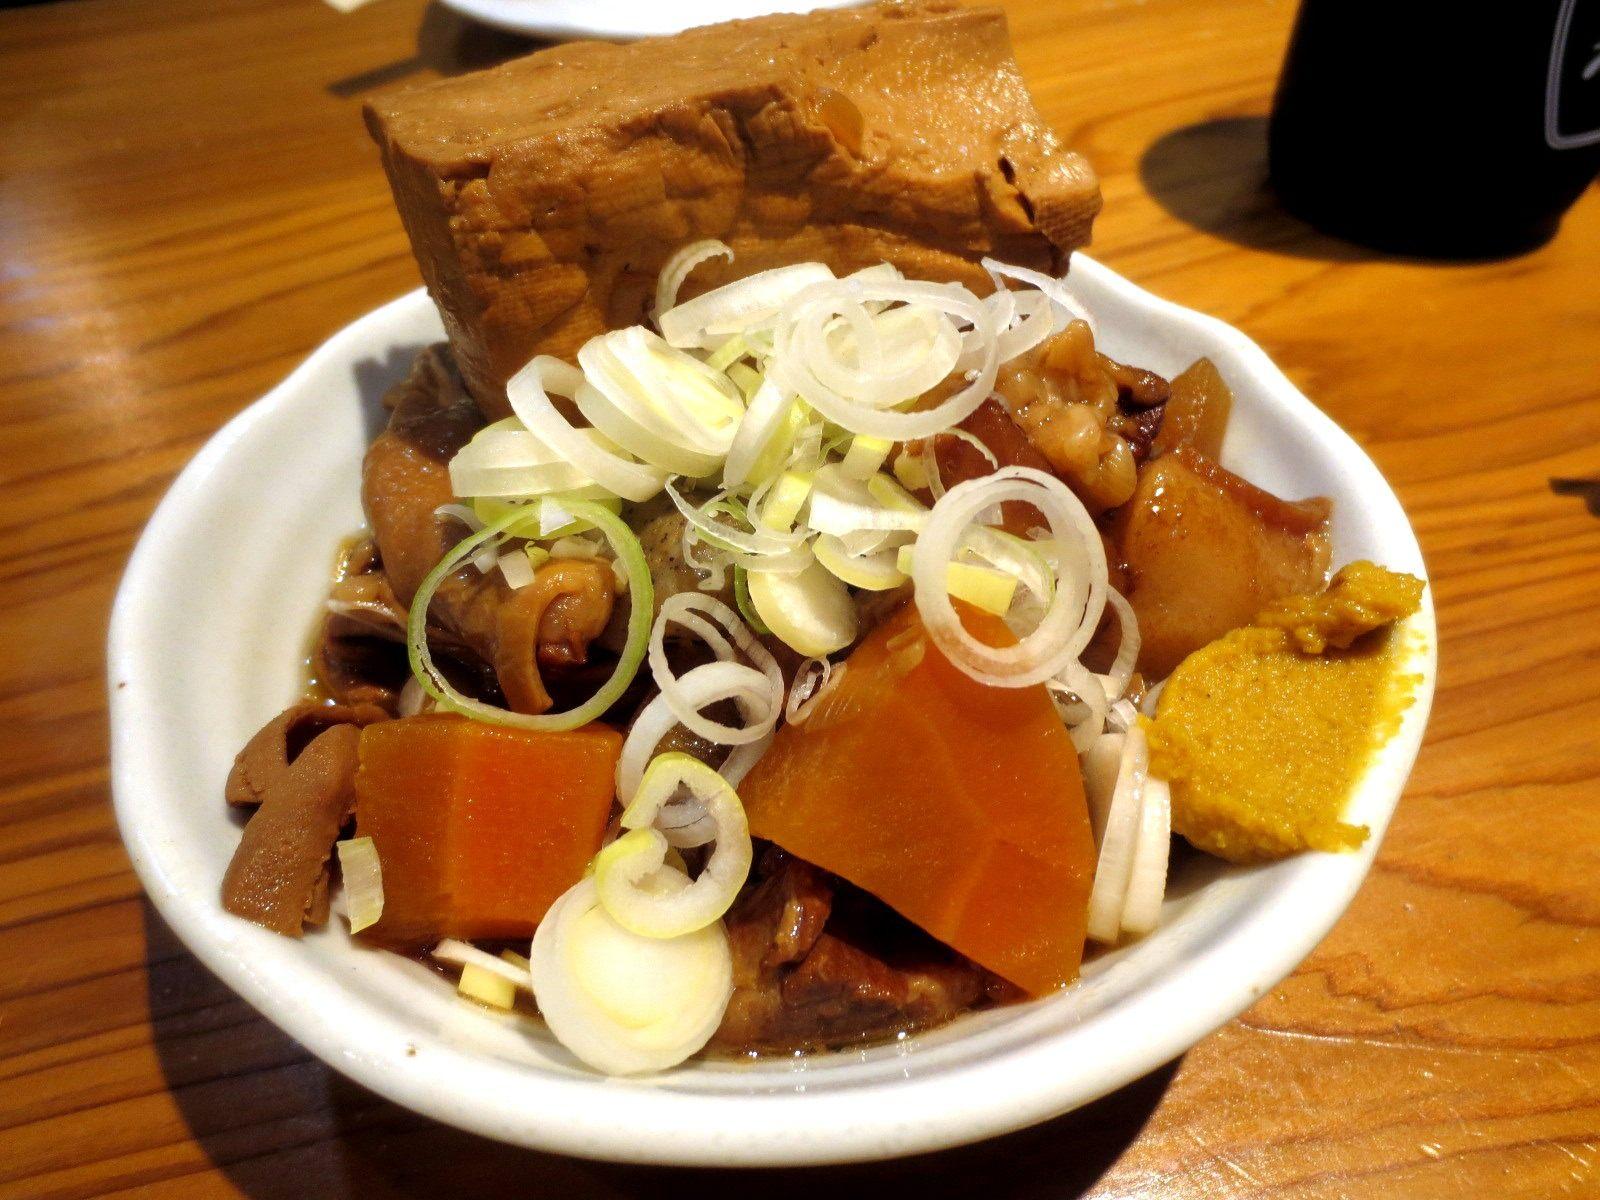 A Full Plate of Motsunikomi